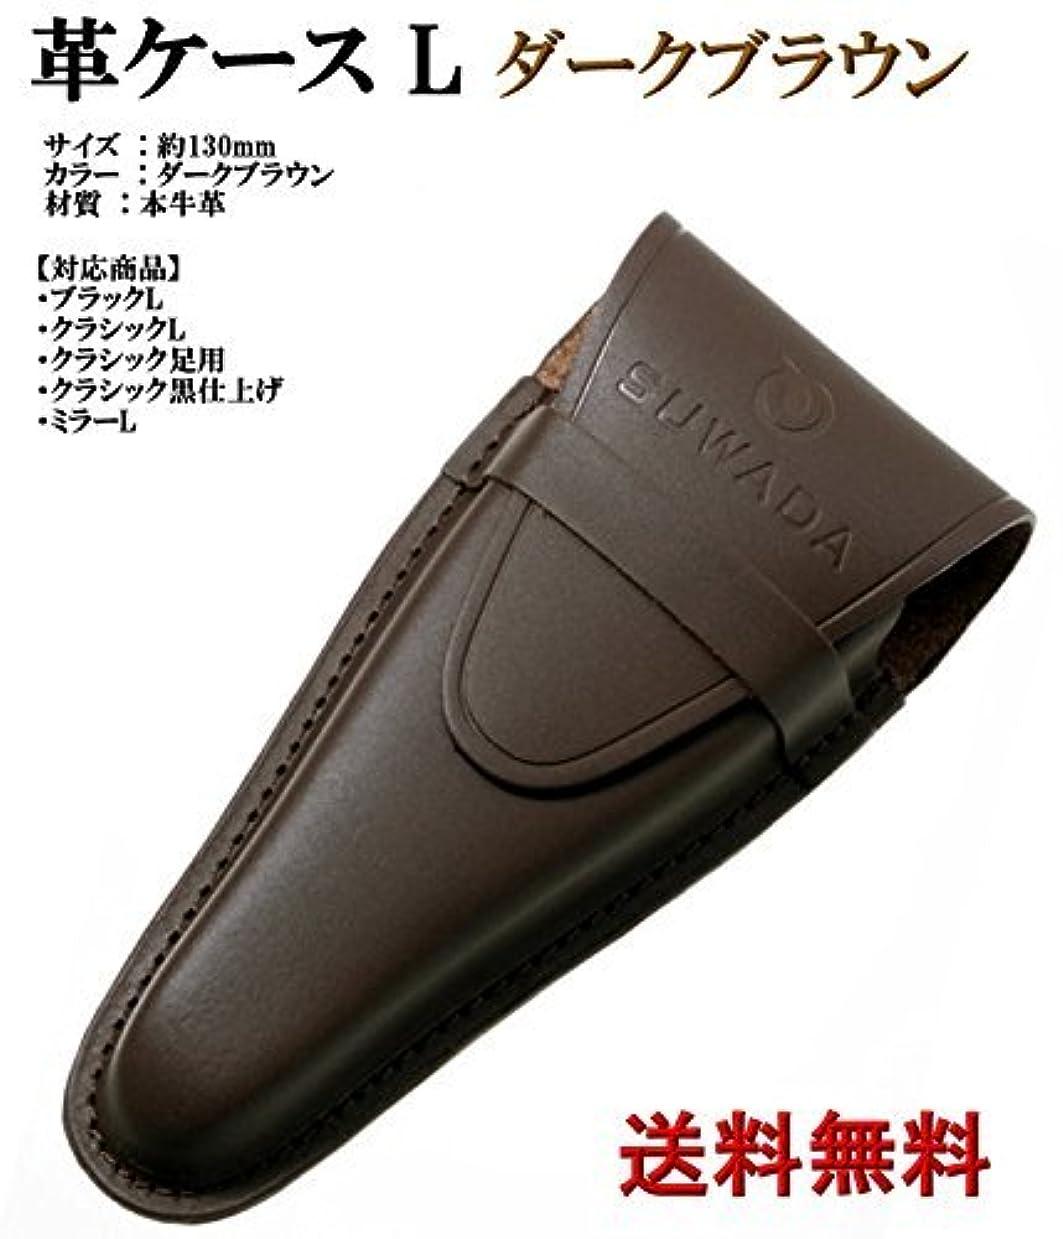 引き付ける聞く百科事典SUWADA 爪きり用本革ケースL